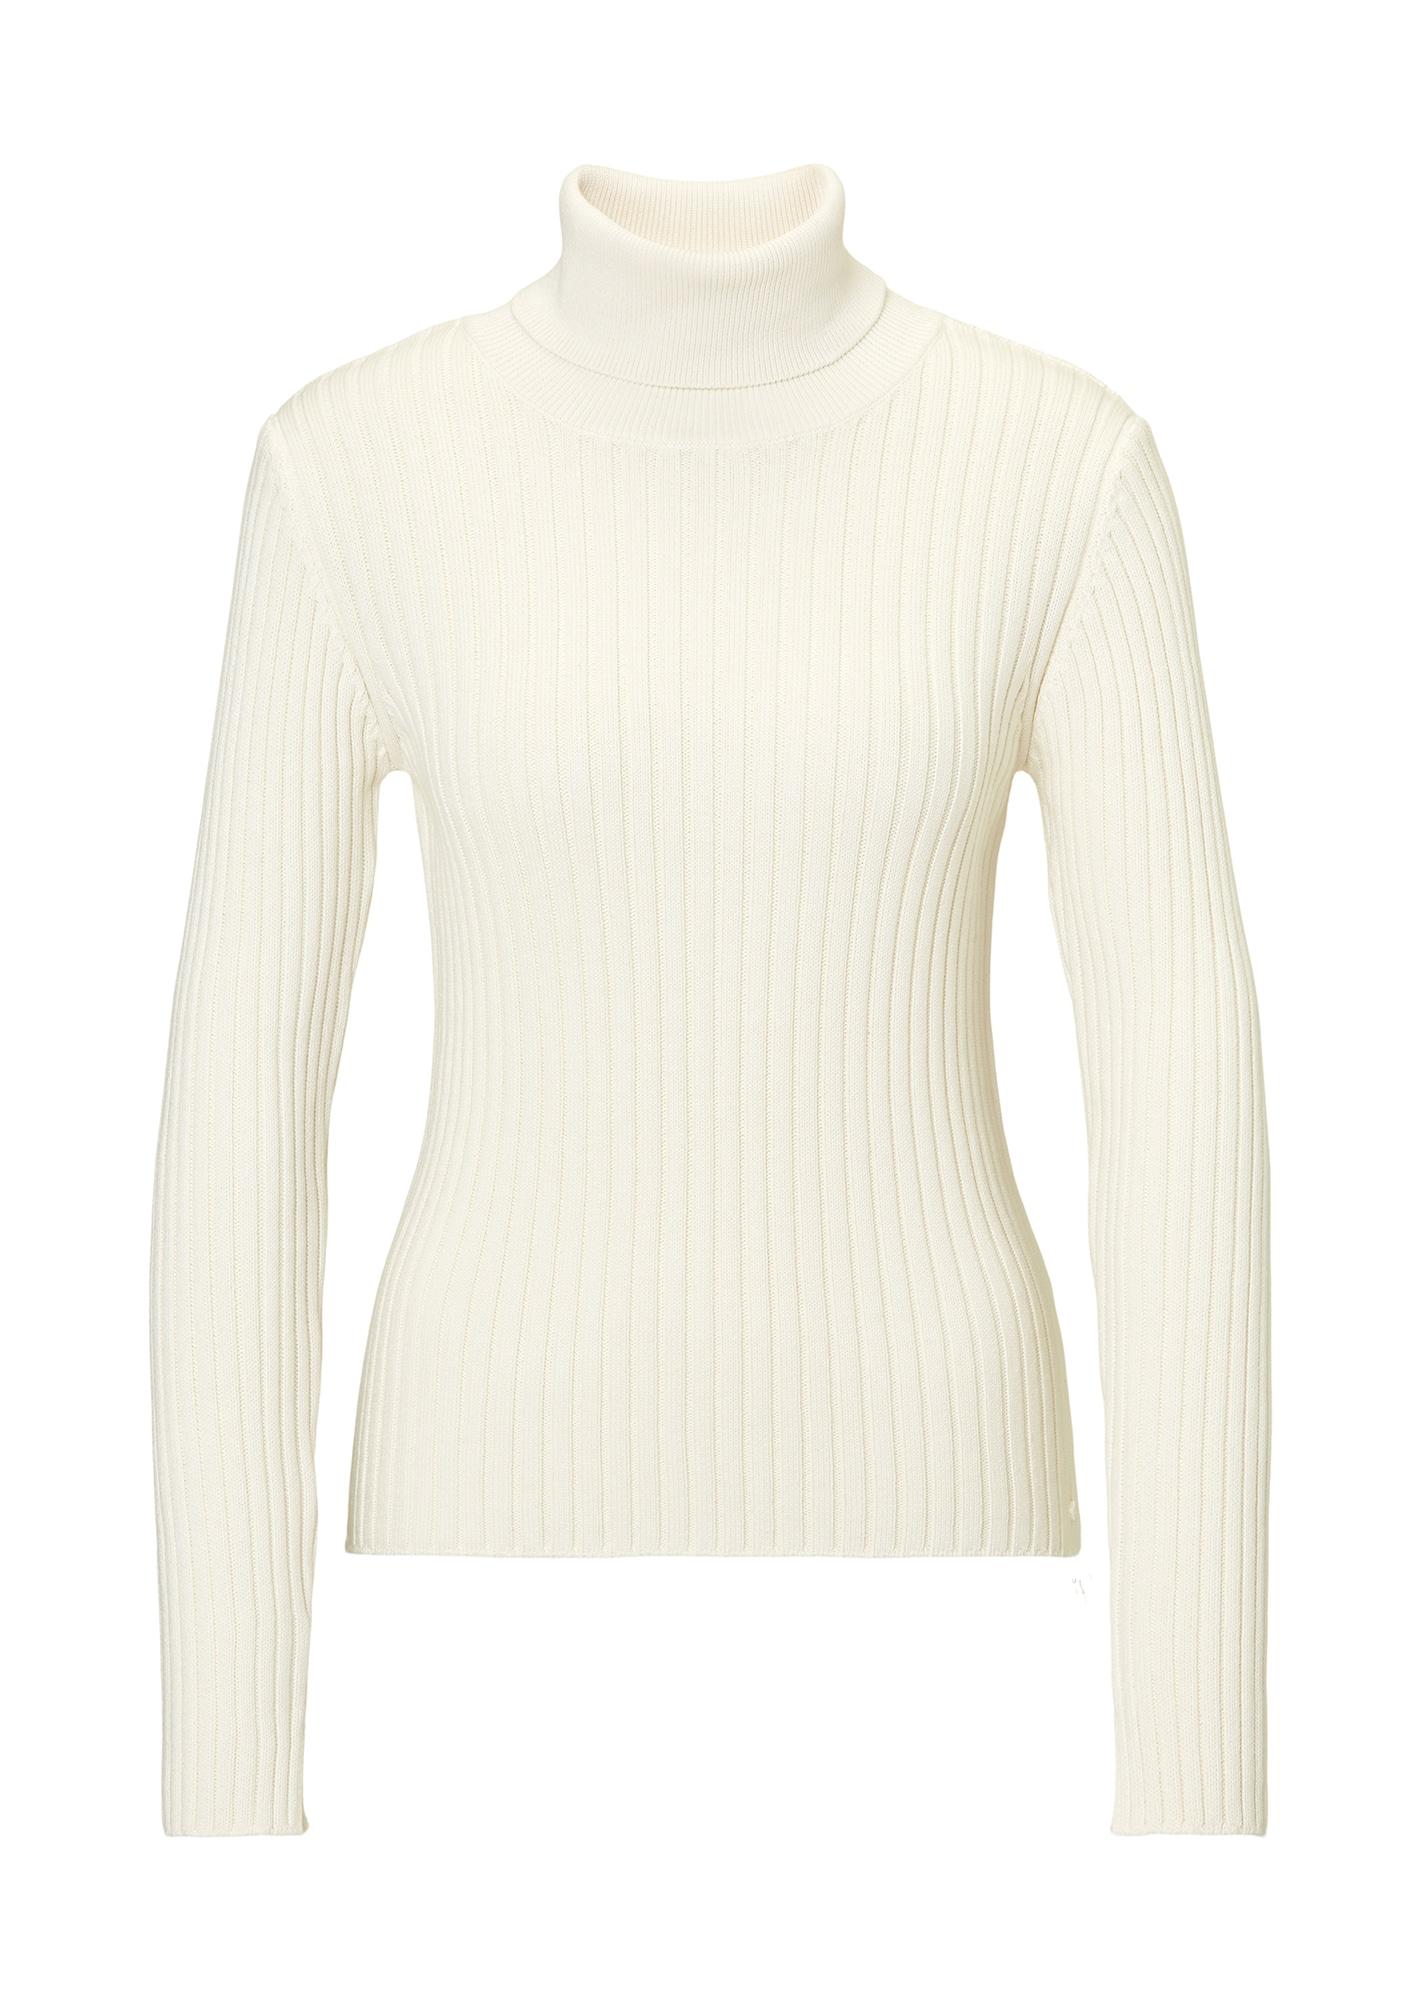 Rollkragenpullover | Bekleidung > Pullover > Rollkragenpullover | Marc O'Polo